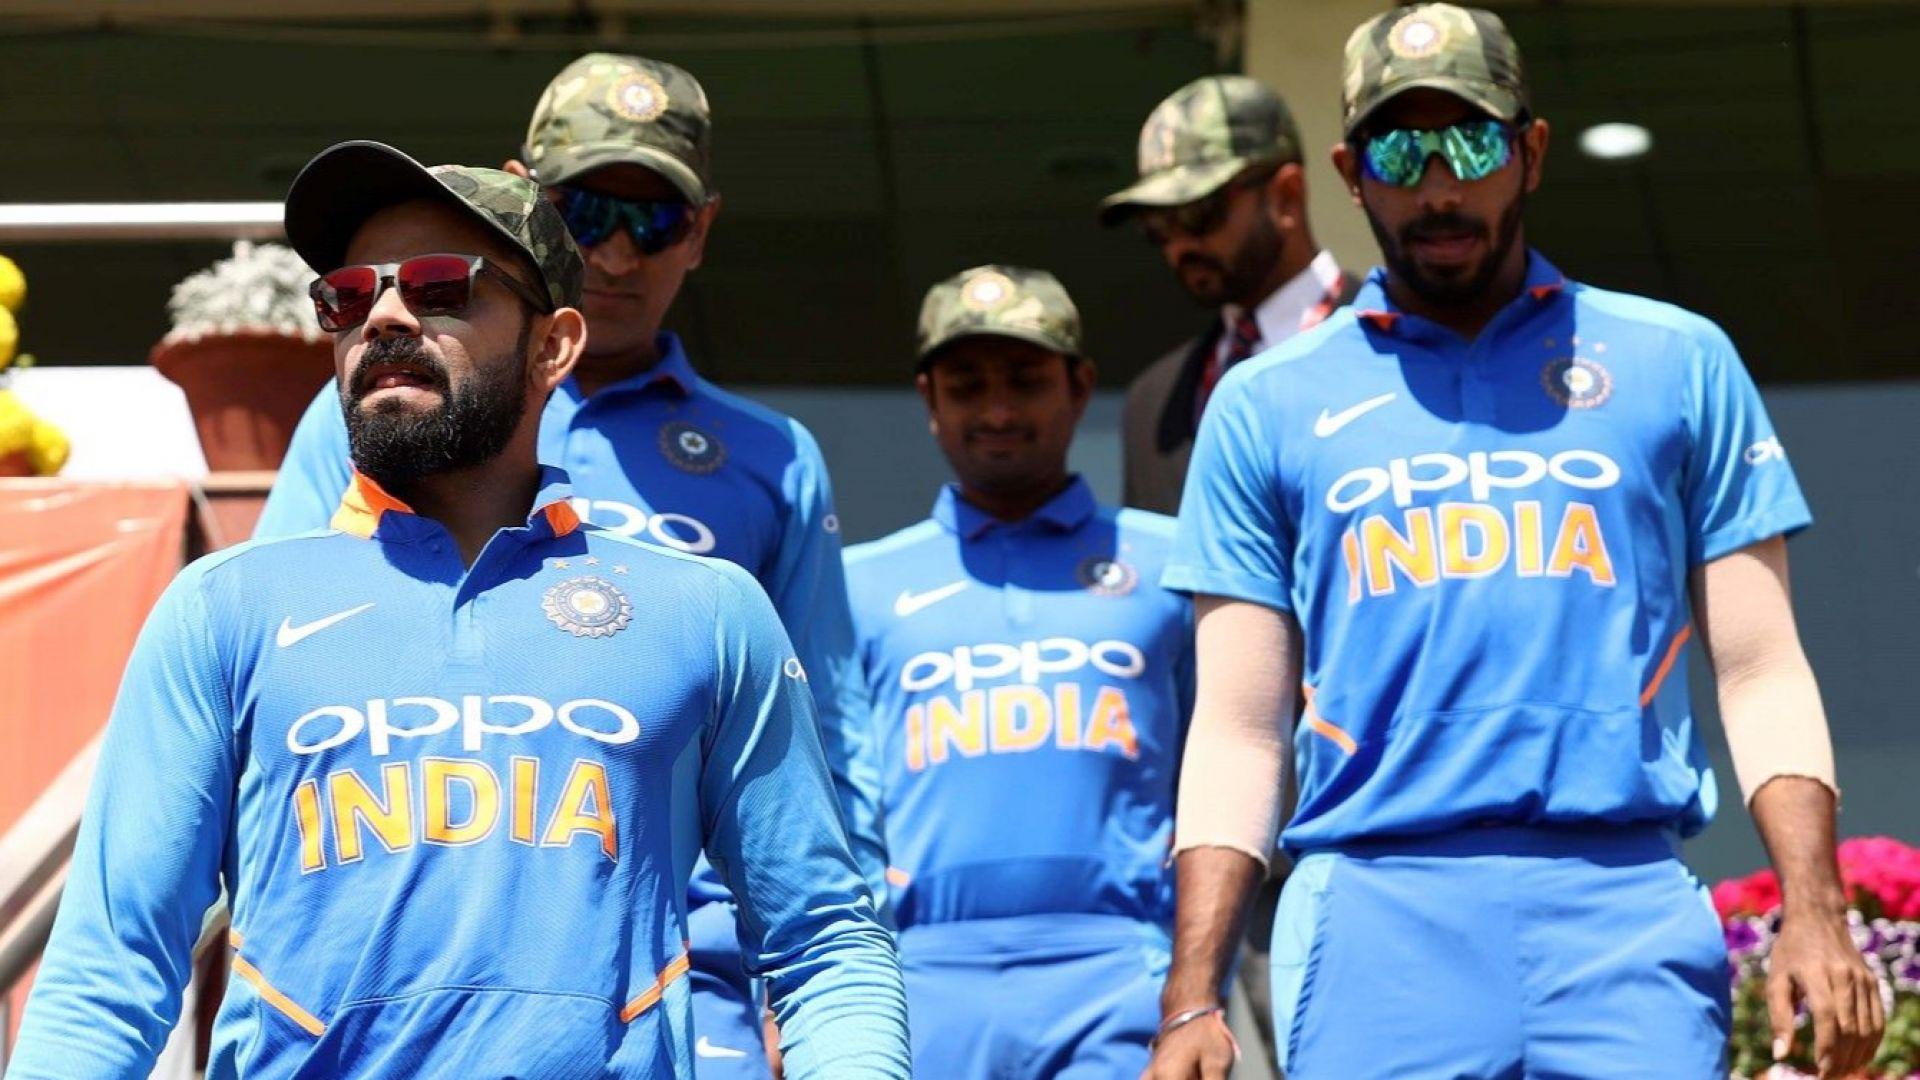 Военни шапки взривиха джентълменския свят на крикета